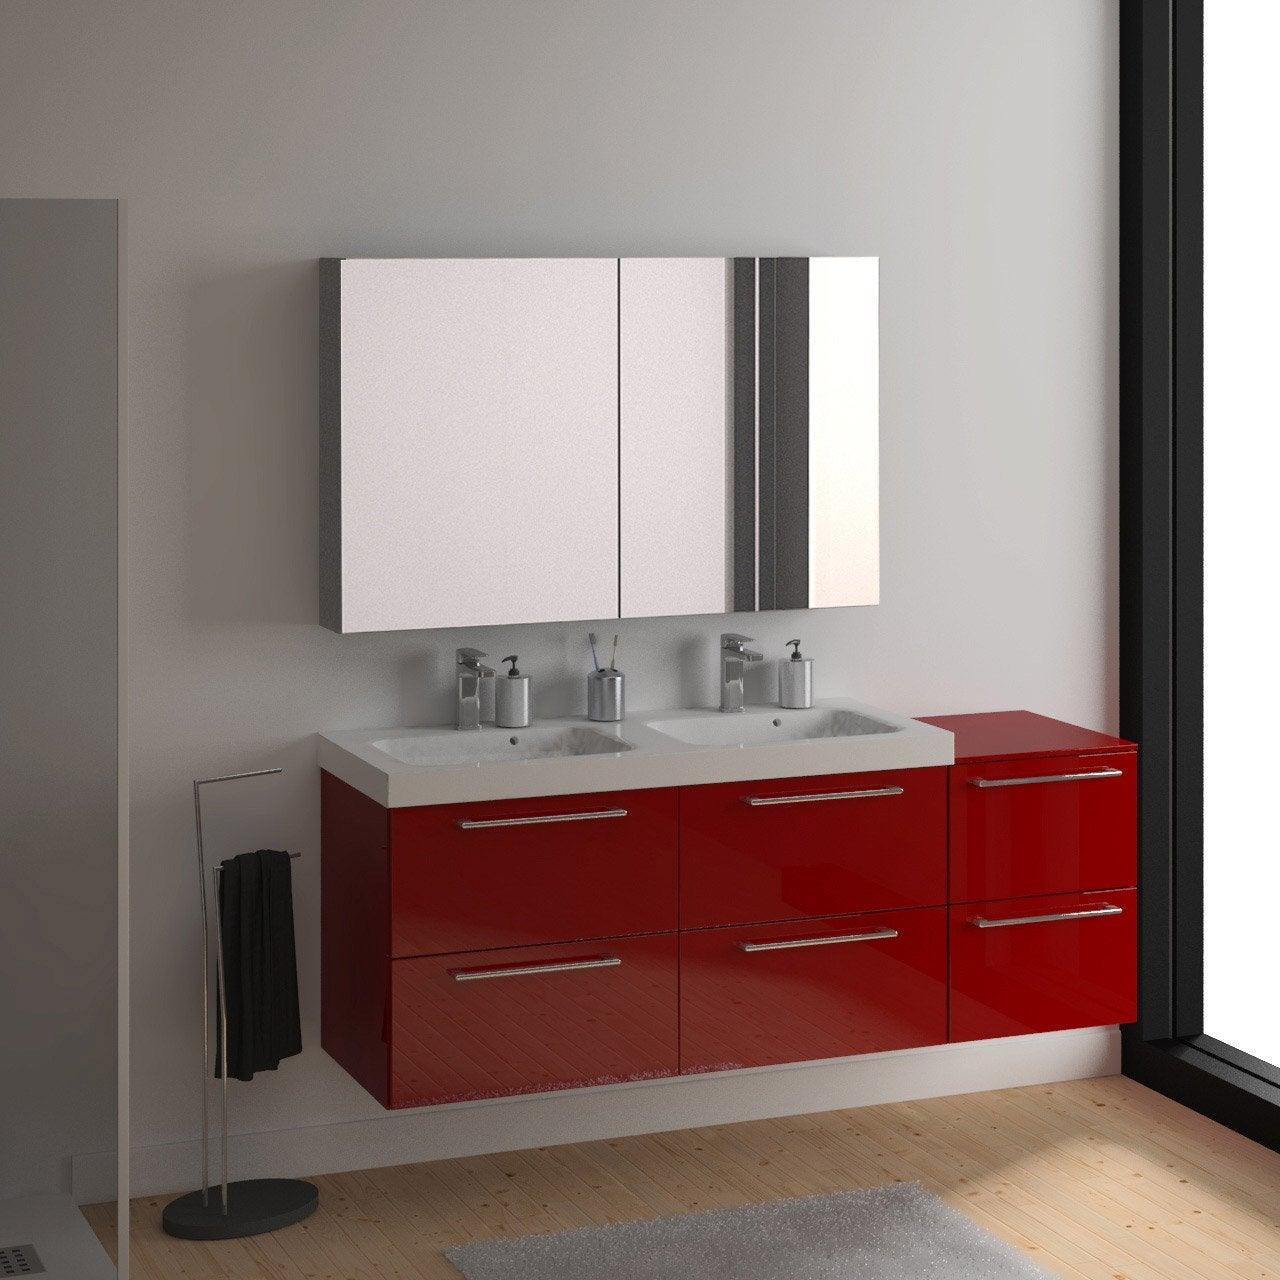 Meuble vasque 121 cm rouge remix leroy merlin - Meuble salle de bain remix ...